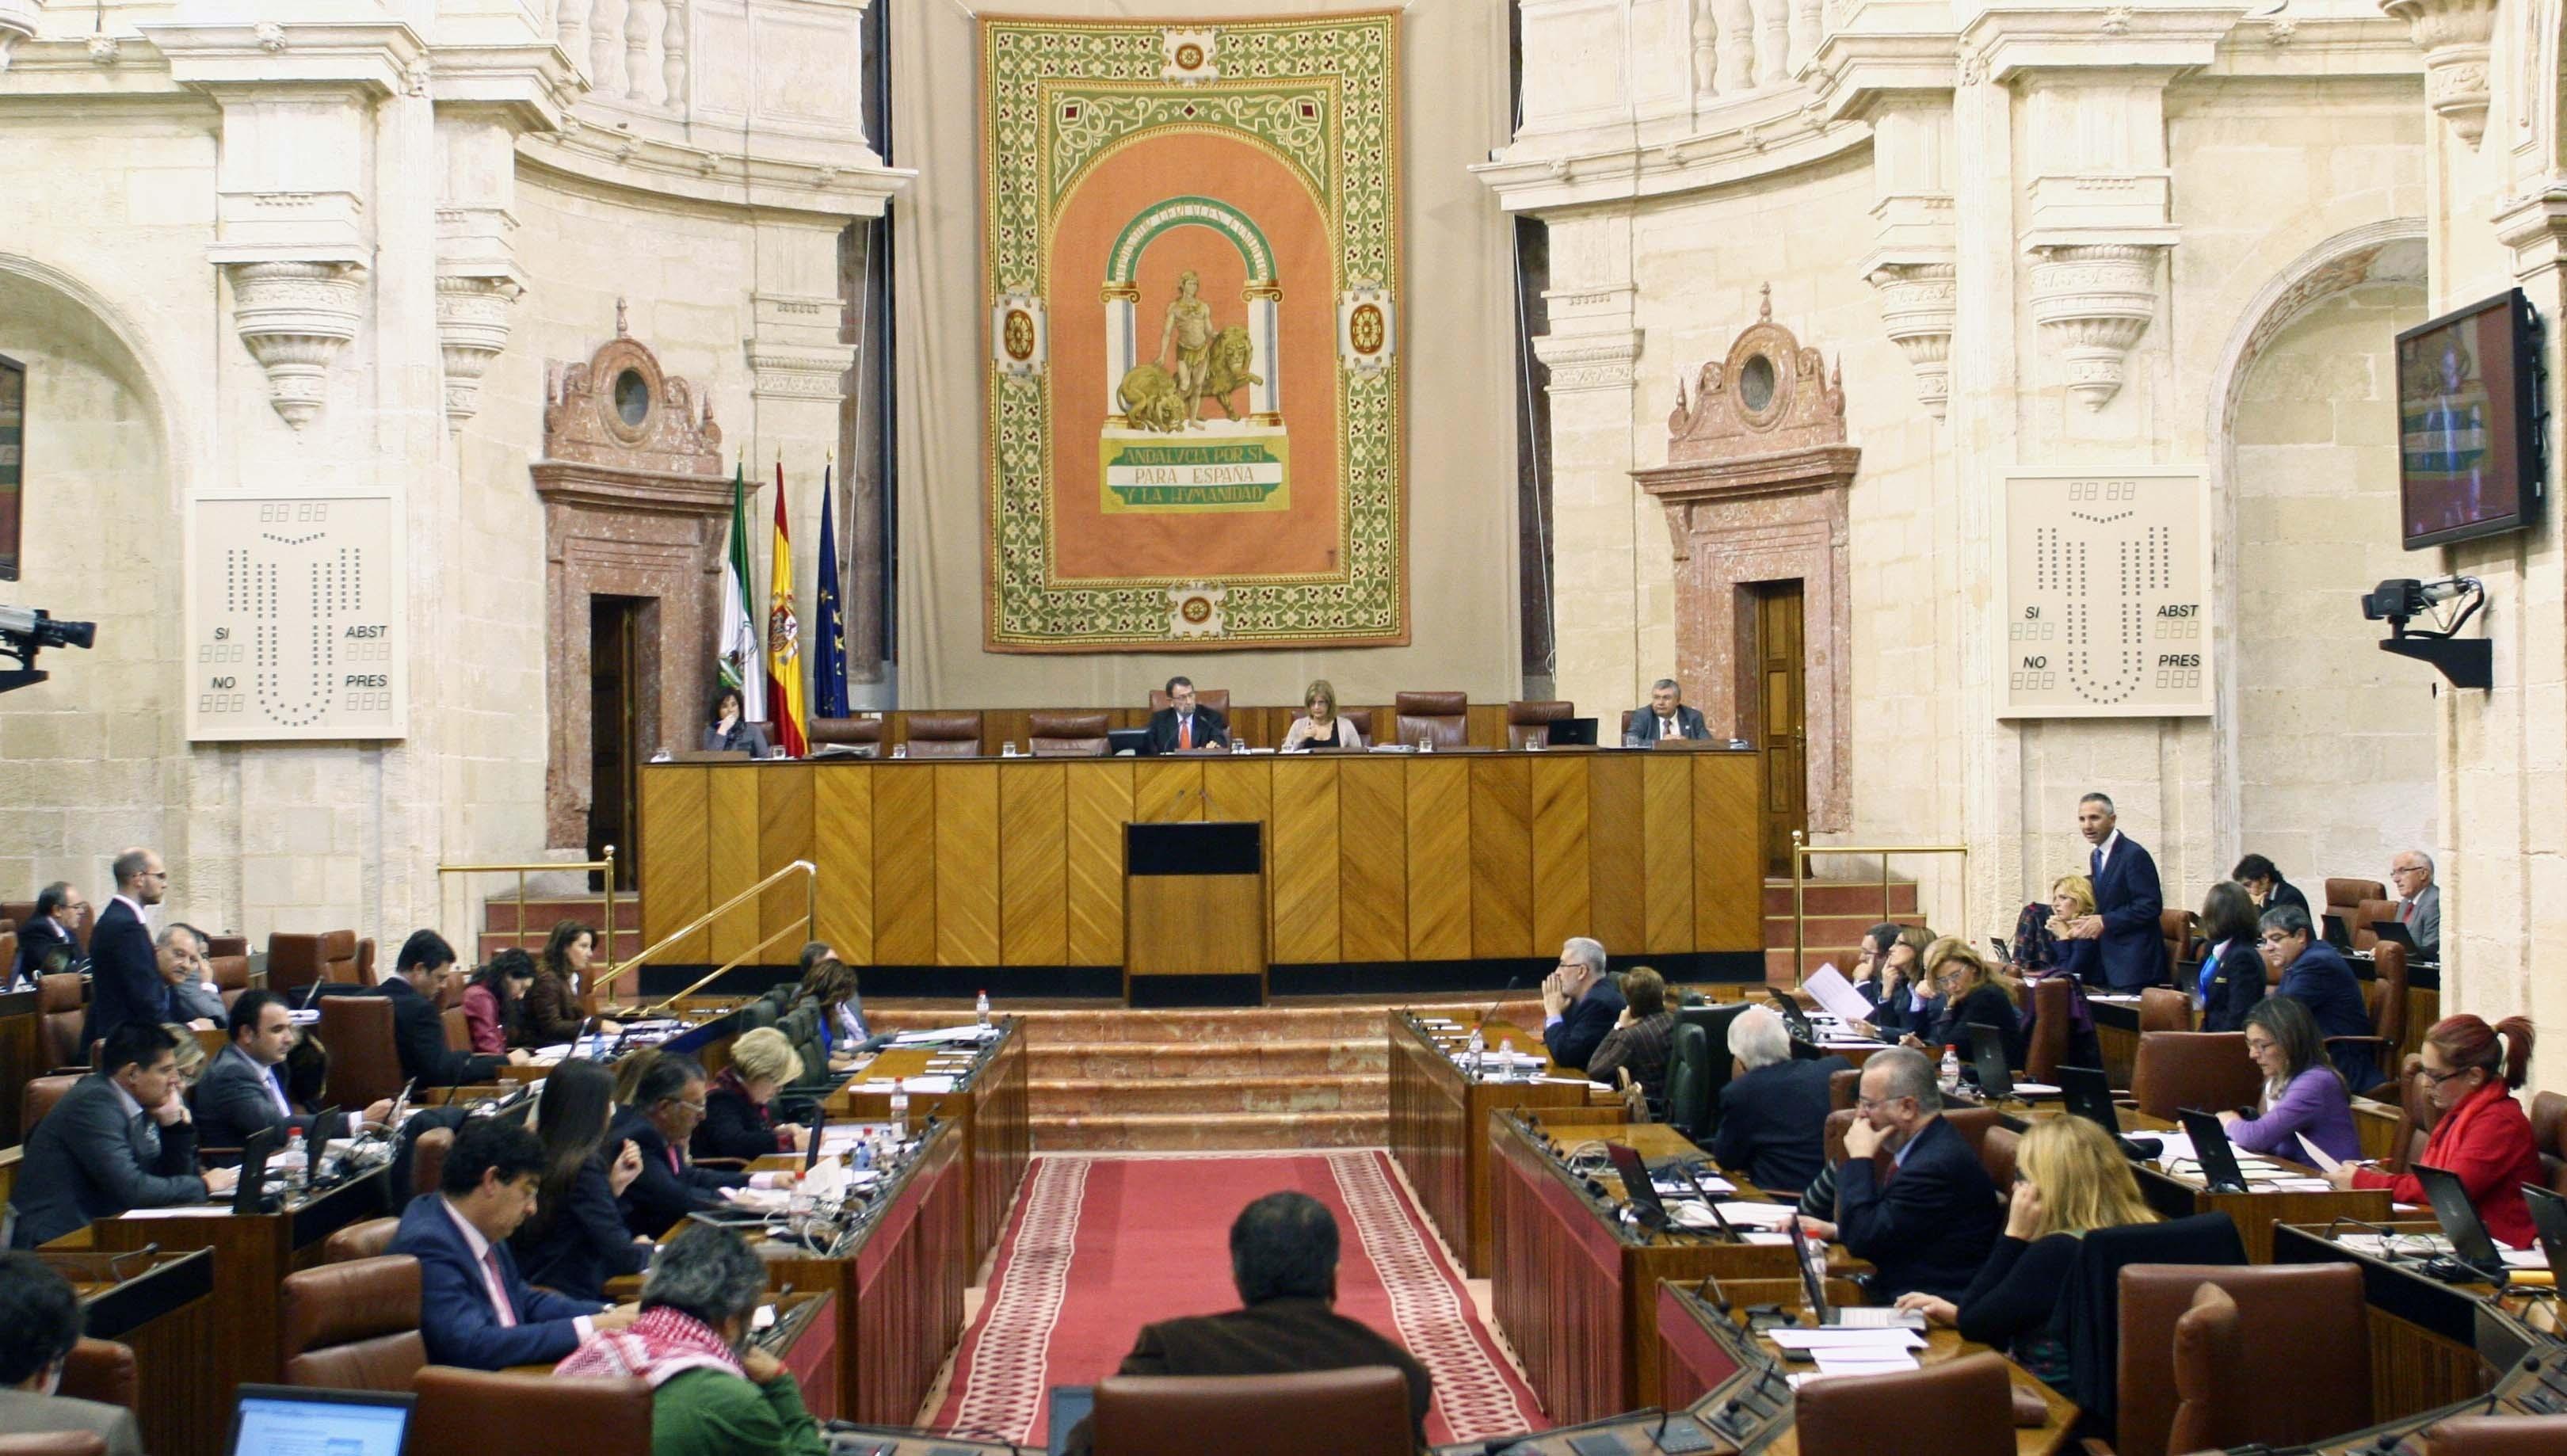 El Parlamento aprueba el presupuesto de la comunidad para 2014, que es rechazado por PP-A